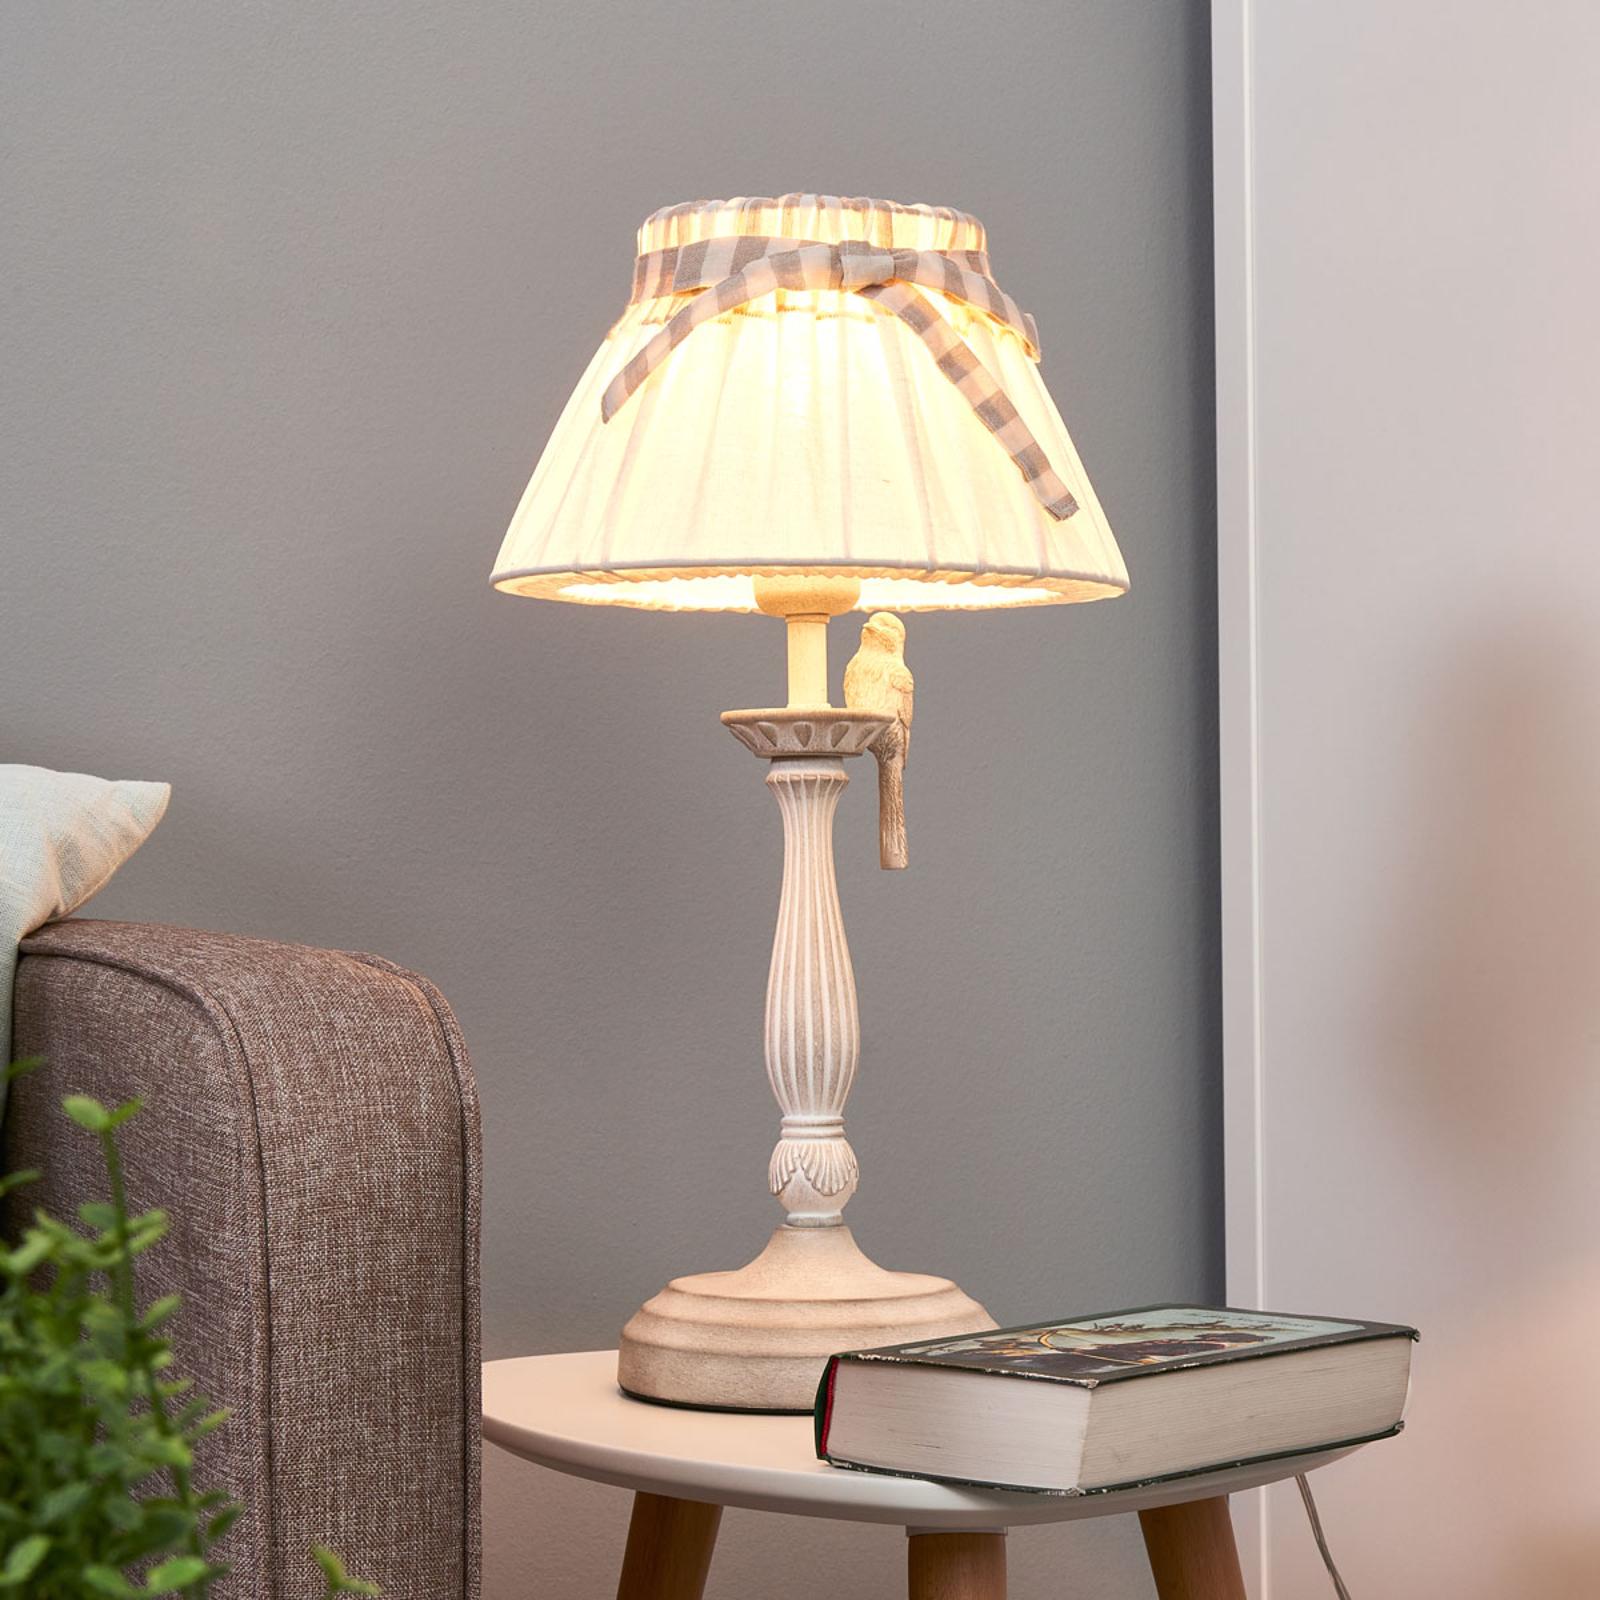 Bird - lampada da tavolo con uccello decorativo